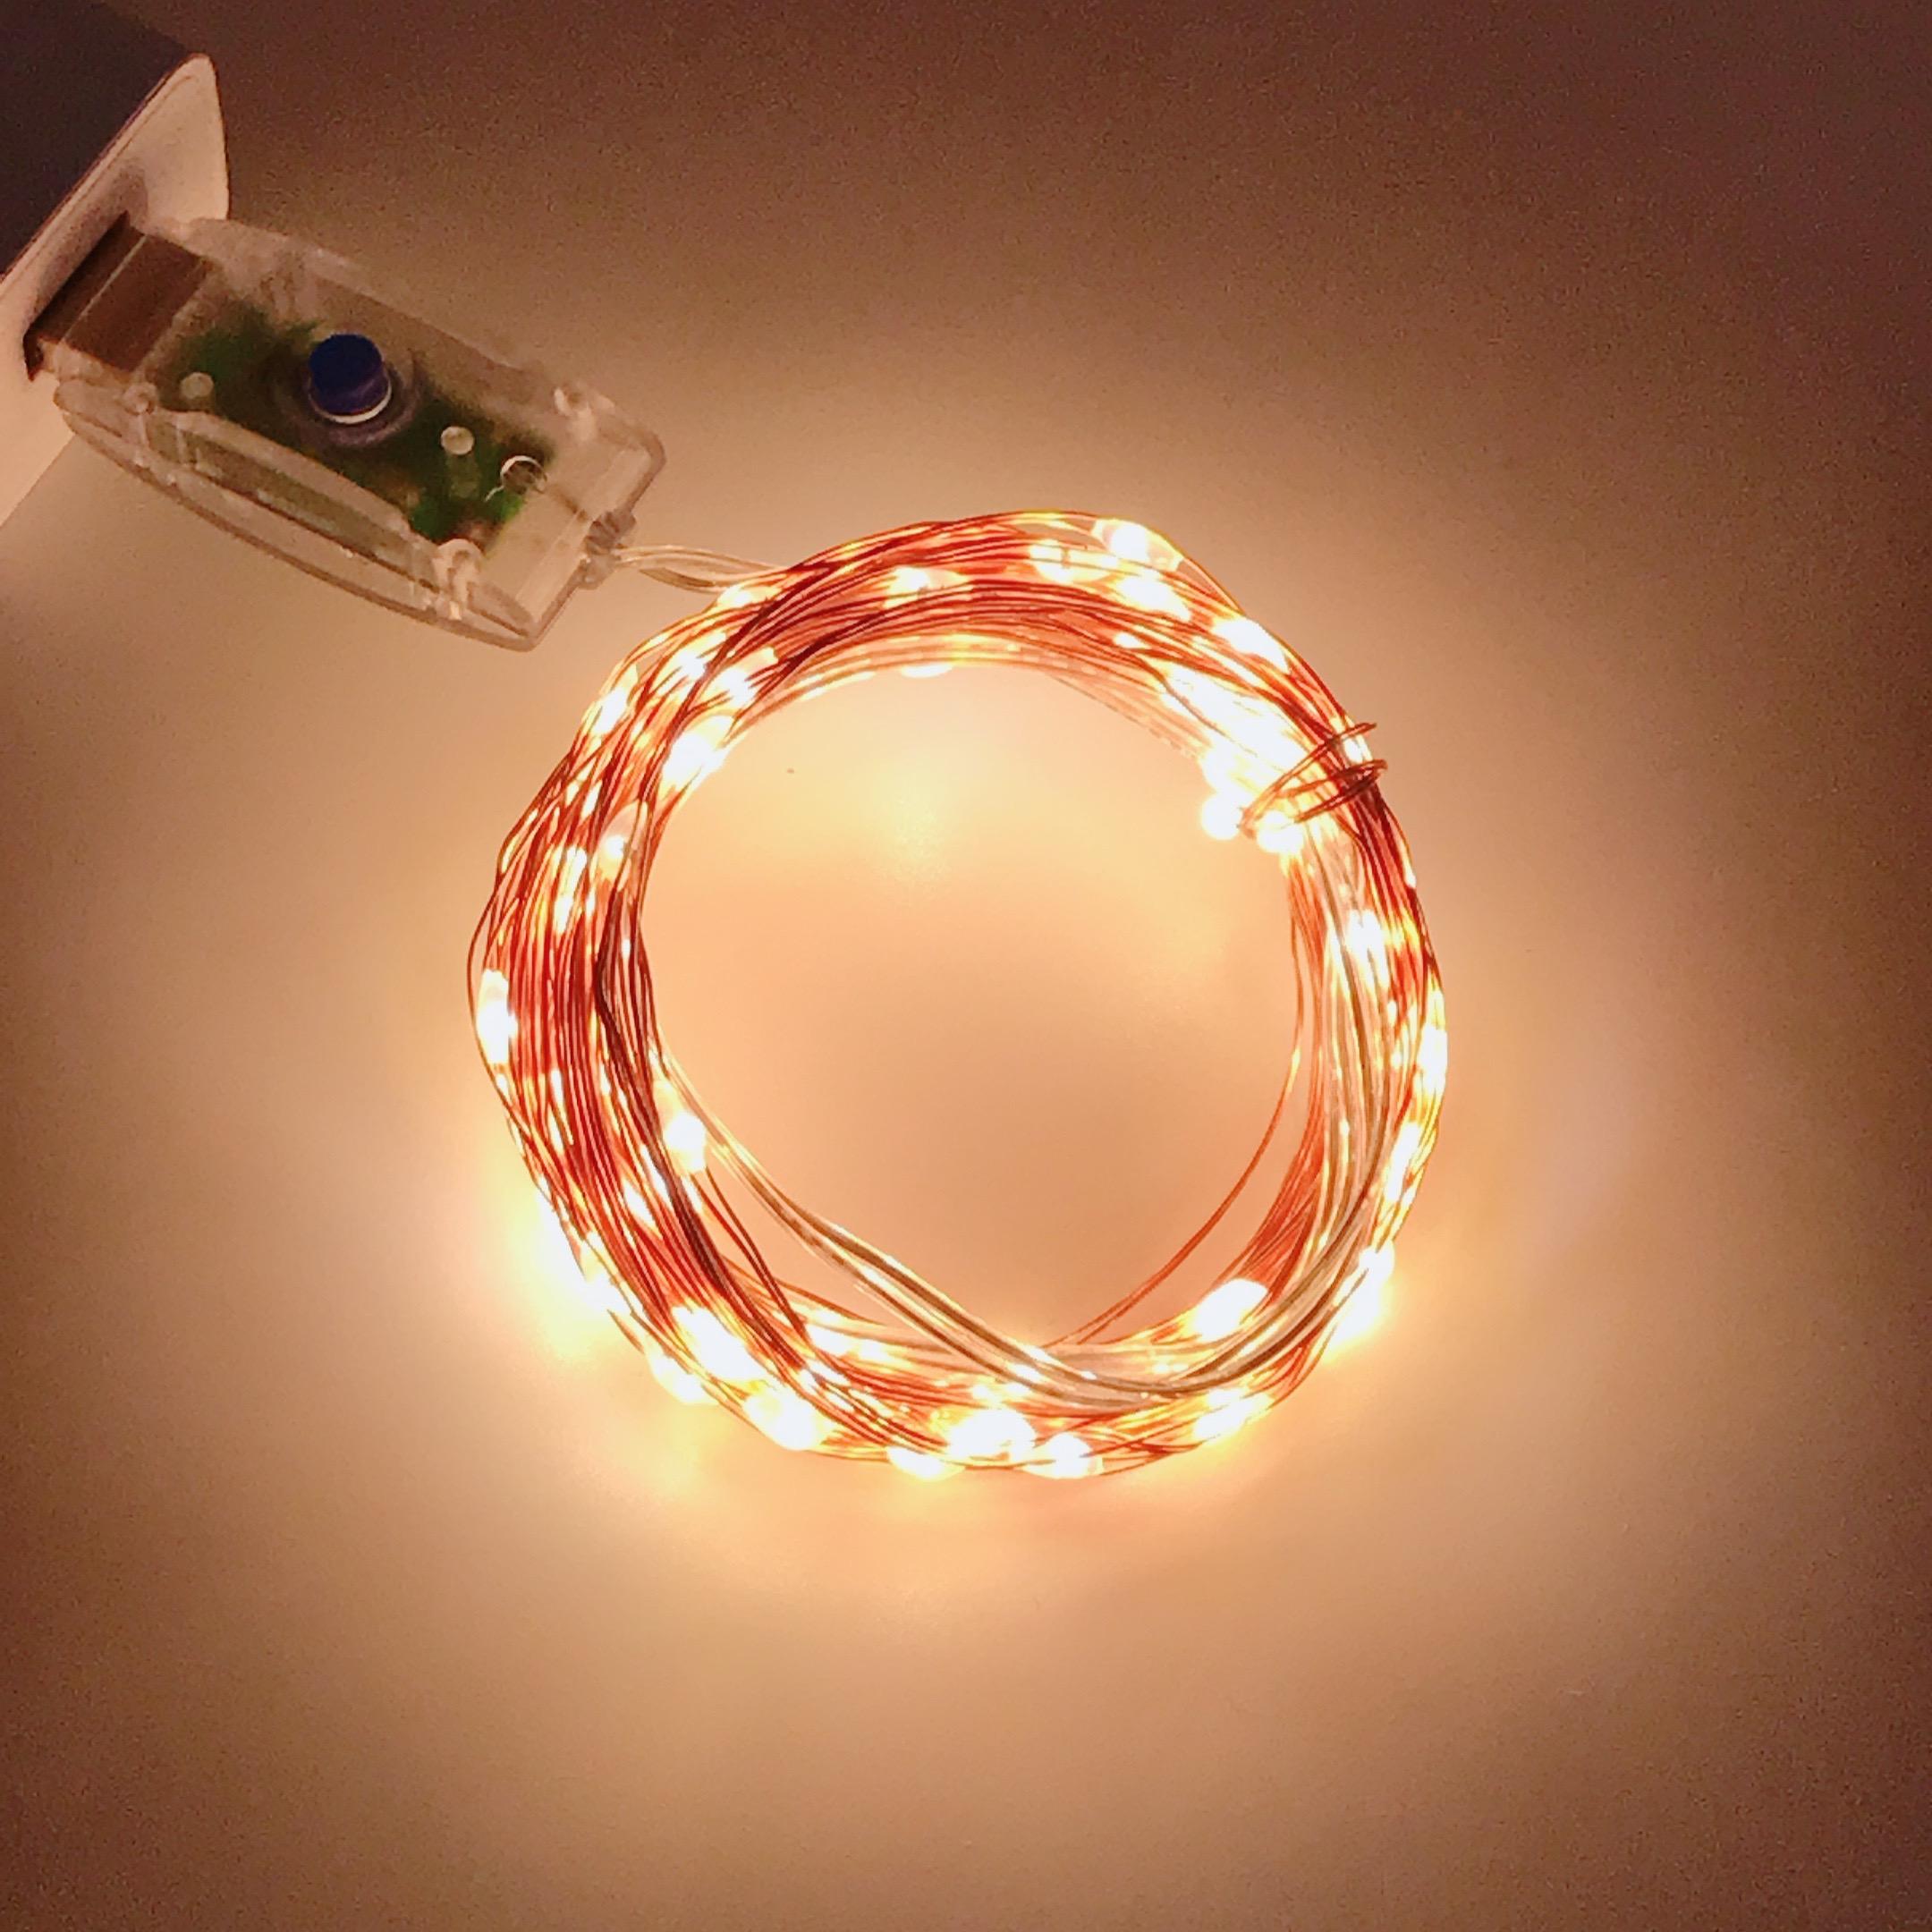 超美品再入荷品質至上 TAKANAWA value 10m LED100球 点灯8種類 室内デコレーション クリスマス パーティーに USB式 LEDイルミネーションライト 電飾 銅線ワイヤーライト LEDストリングライト マート 取り付け簡単フェアリーライト 点灯切り替え 飾り 電球色 LEDイルミネーション リモコン別売り ウォームホワイト